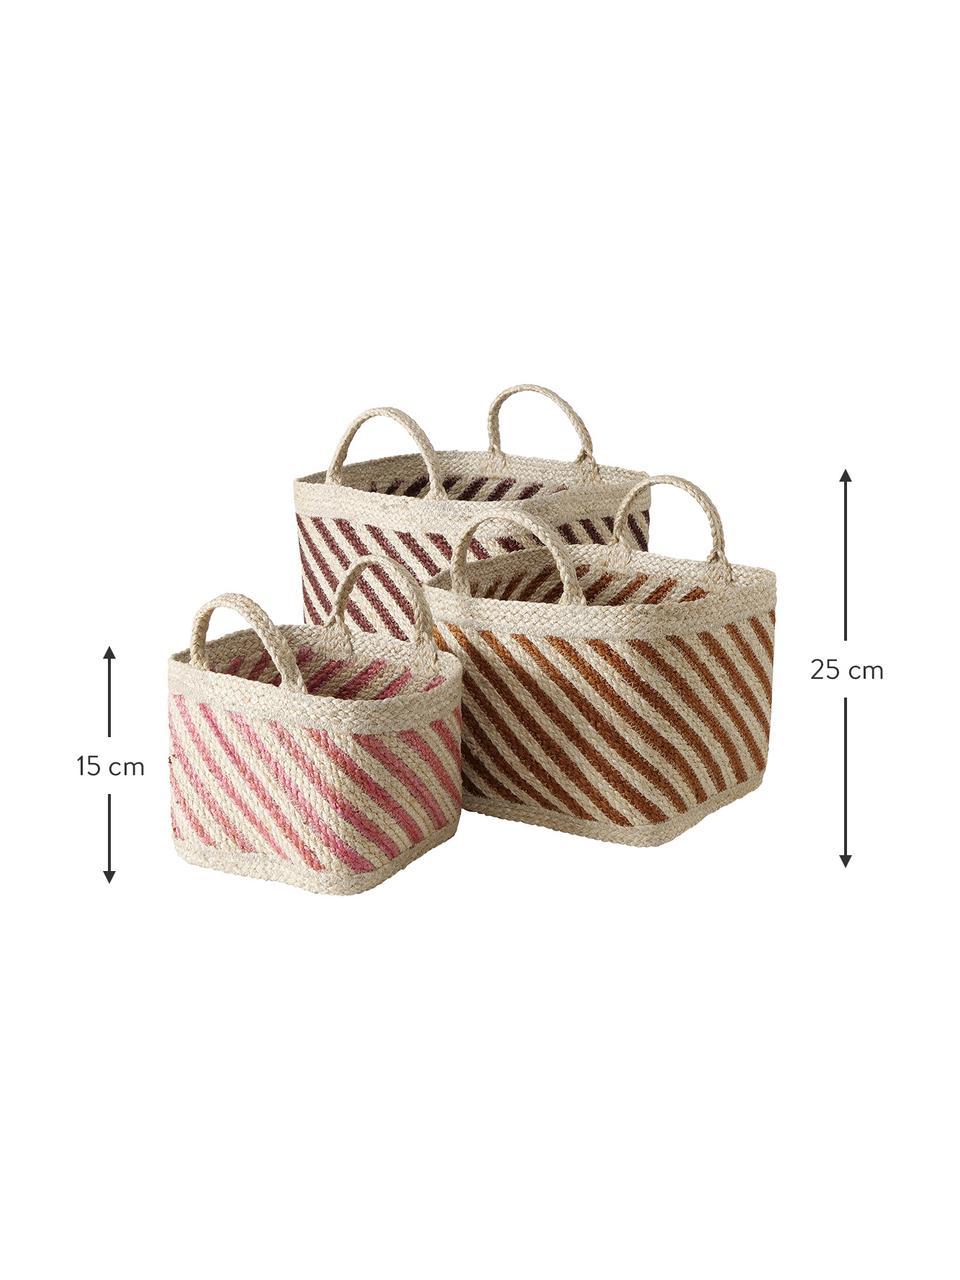 Handgefertigtes Aufbewahrungskörbe-Set Magura aus Jute, 3-tlg., Jute, Mehrfarbig, Set mit verschiedenen Größen